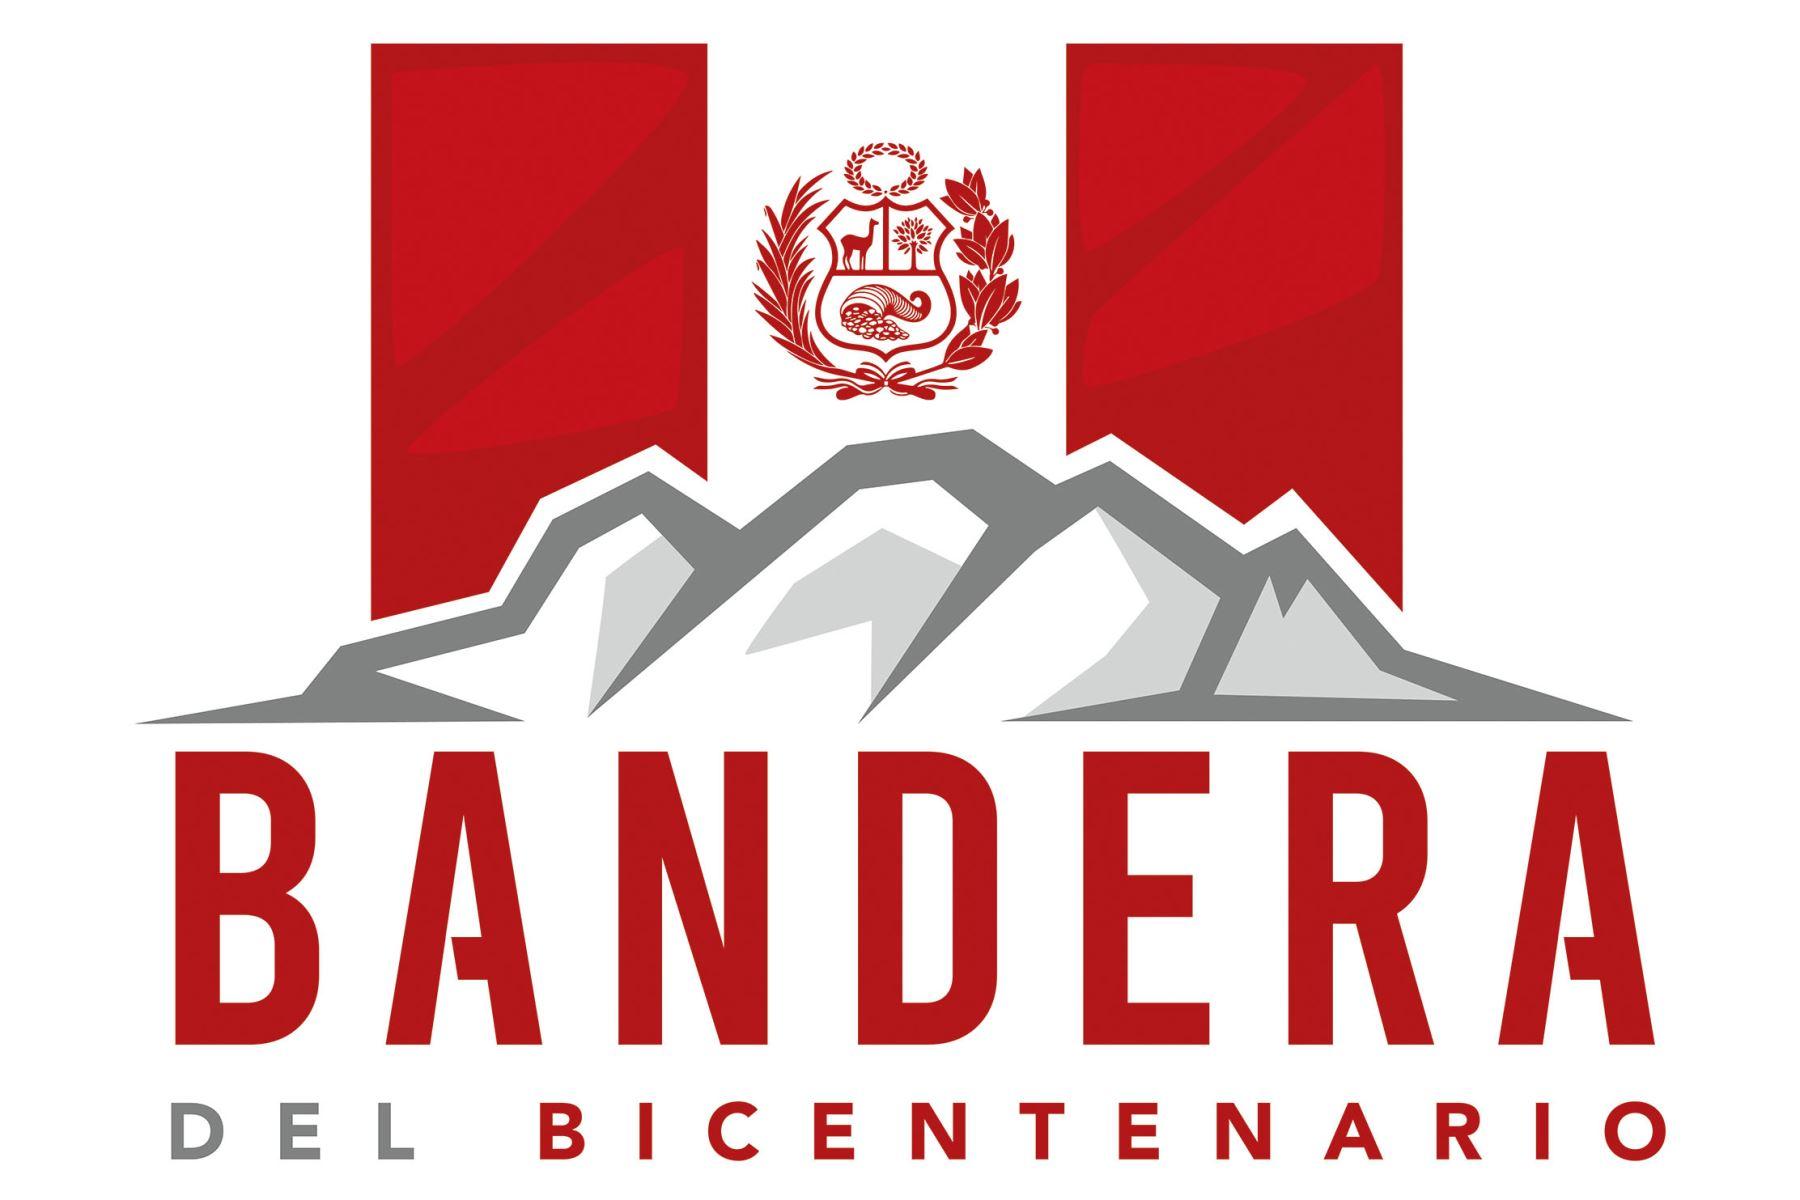 Como antesala del Bicentenario de la Independencia, la Bandera Nacional flameará en el punto más alto del Perú: la cima del Huascarán, a 6,786 metros. Foto: ANDINA/Difusión.